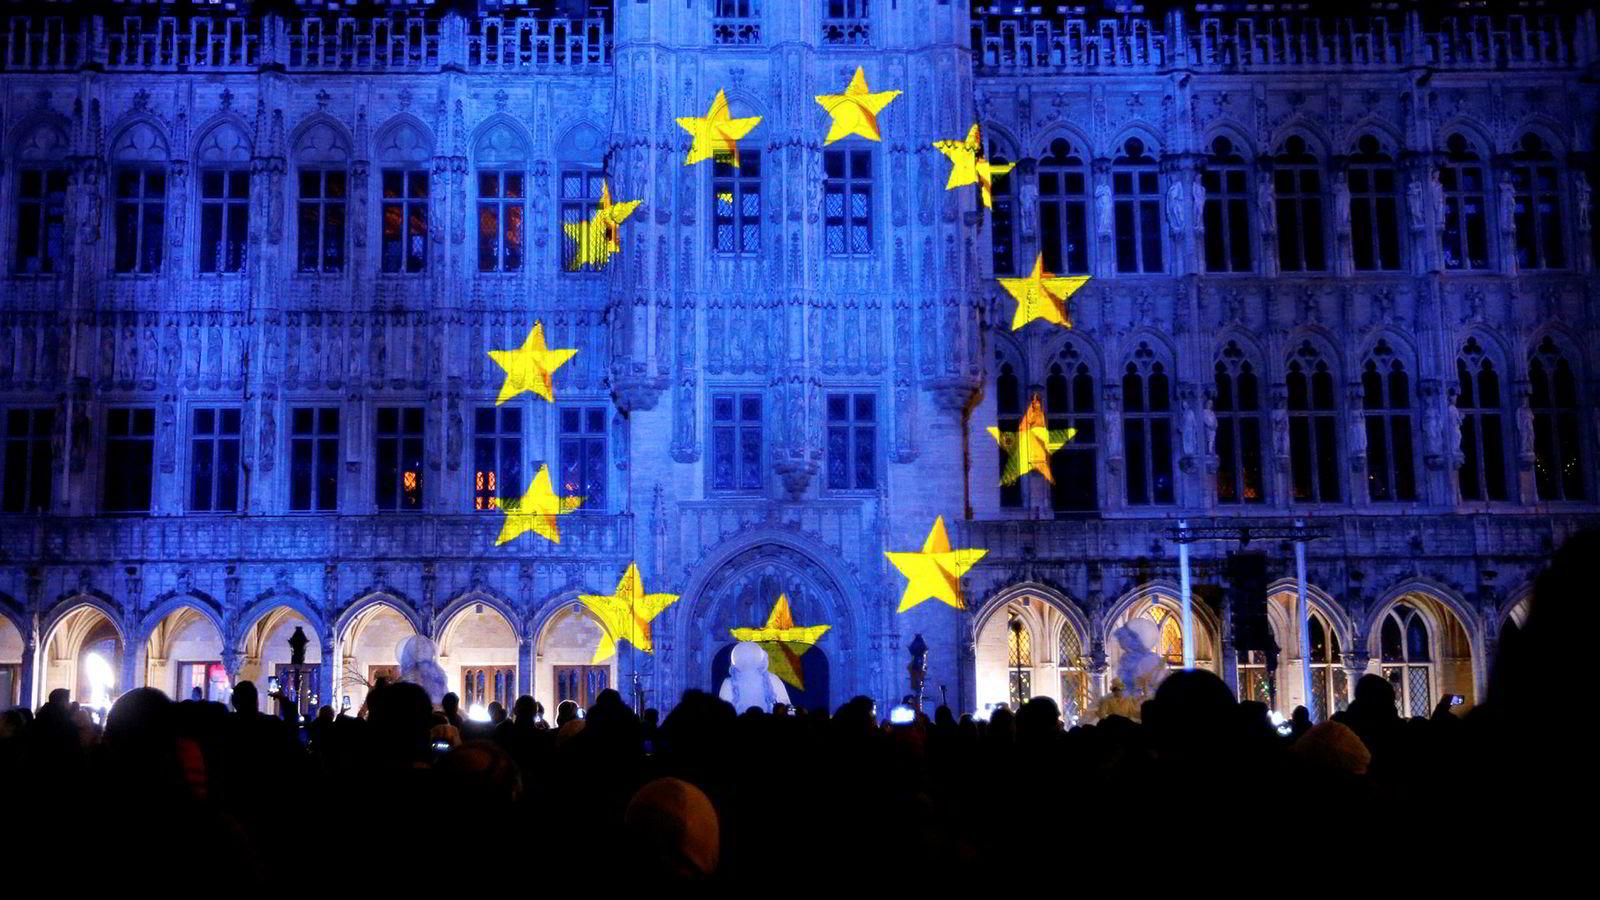 Spørsmålet om norsk EU-medlemskap er blitt tabubelagt. Det snakkes ikke lenger om det, heller ikke blant våre ledende politikere. 